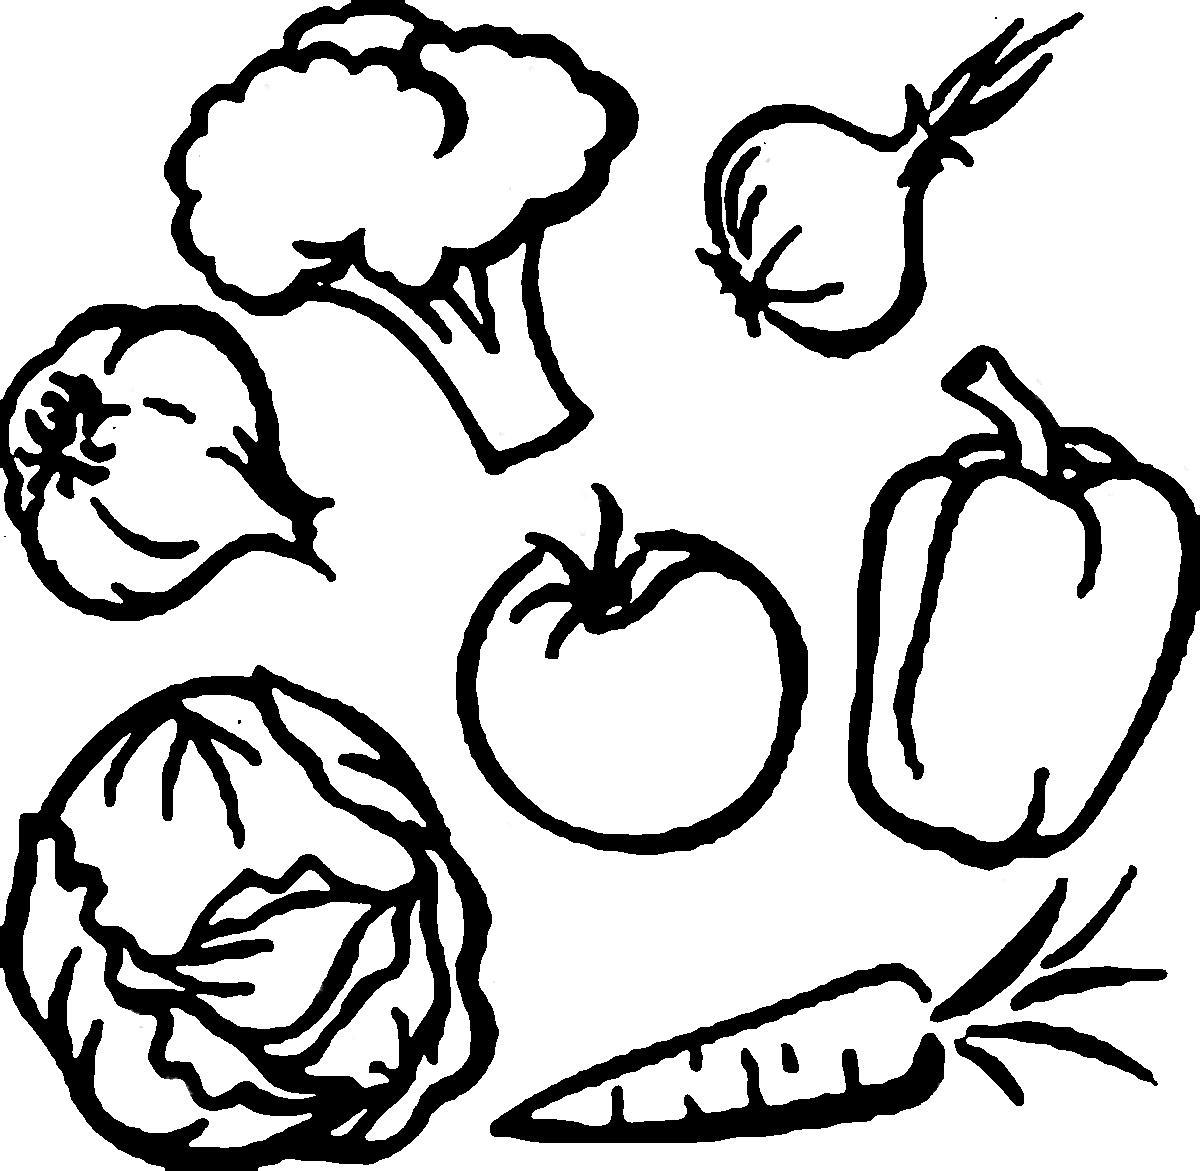 раскраски на тему еда для детей                раскраски с едой на тему окружающий мир для мальчиков и девочек.  раскраски с едой для детей и взрослых